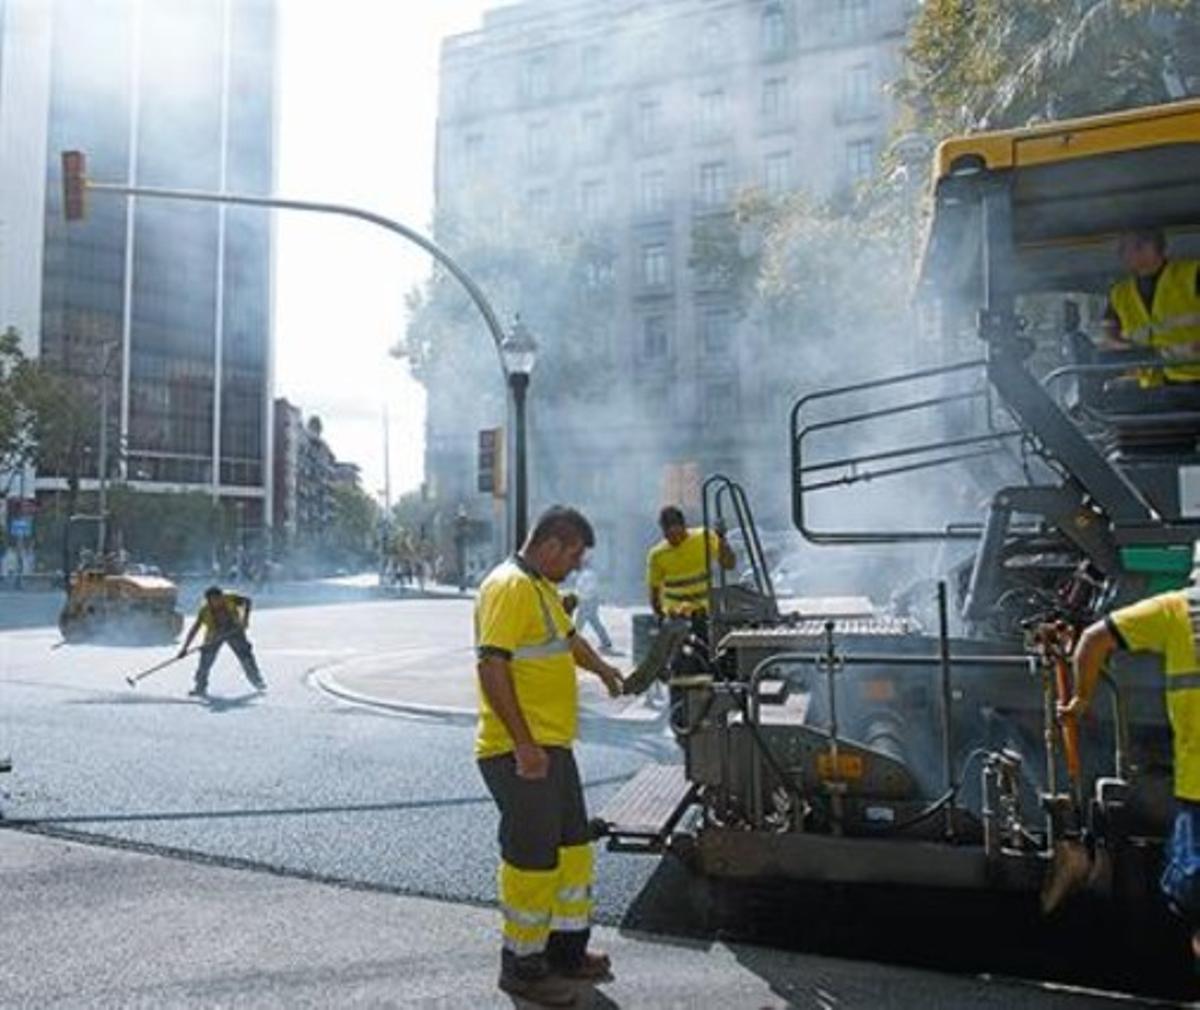 Uns obrers realitzen obres d'asfaltatge en un tram de l'avinguda Diagonal i, a la dreta, imatge del bolcat d'asfalt en un tram del carrer d'Aragó, ahir.